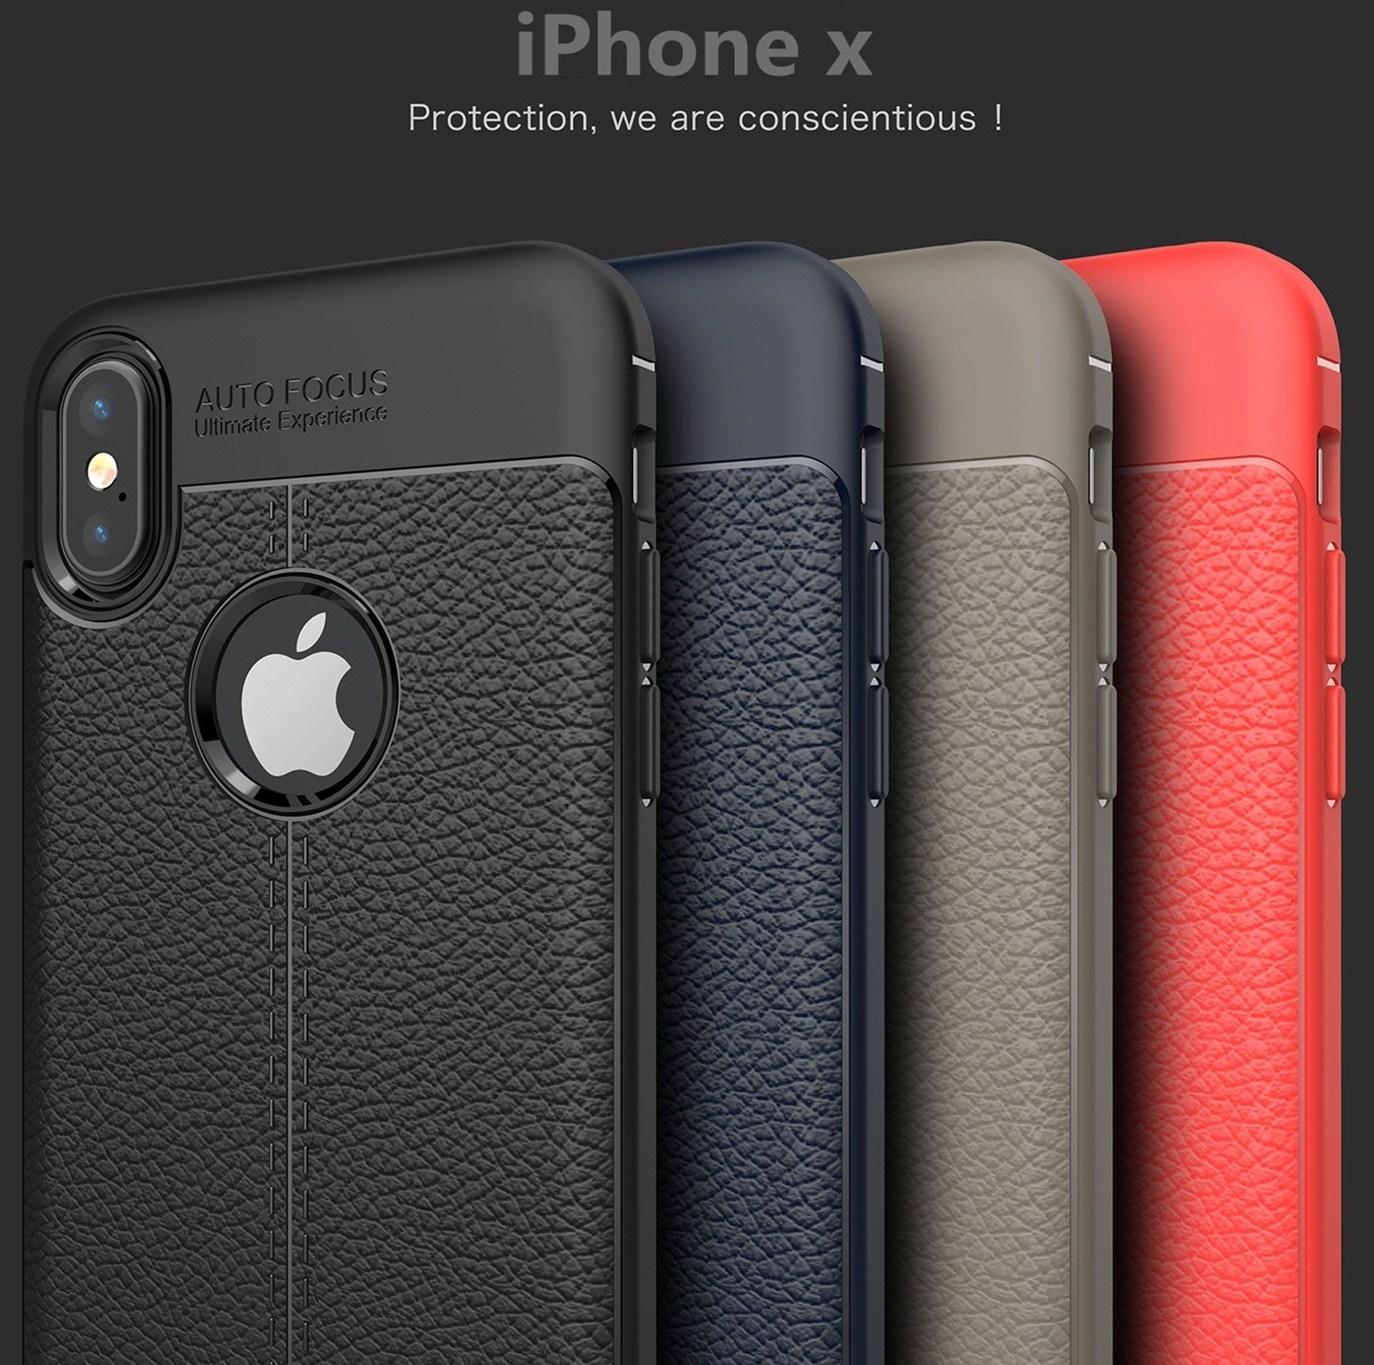 IPhone X荔枝紋手機殼全包防摔保護套TPU軟殼皮紋手感保護殼手機套蘋果X